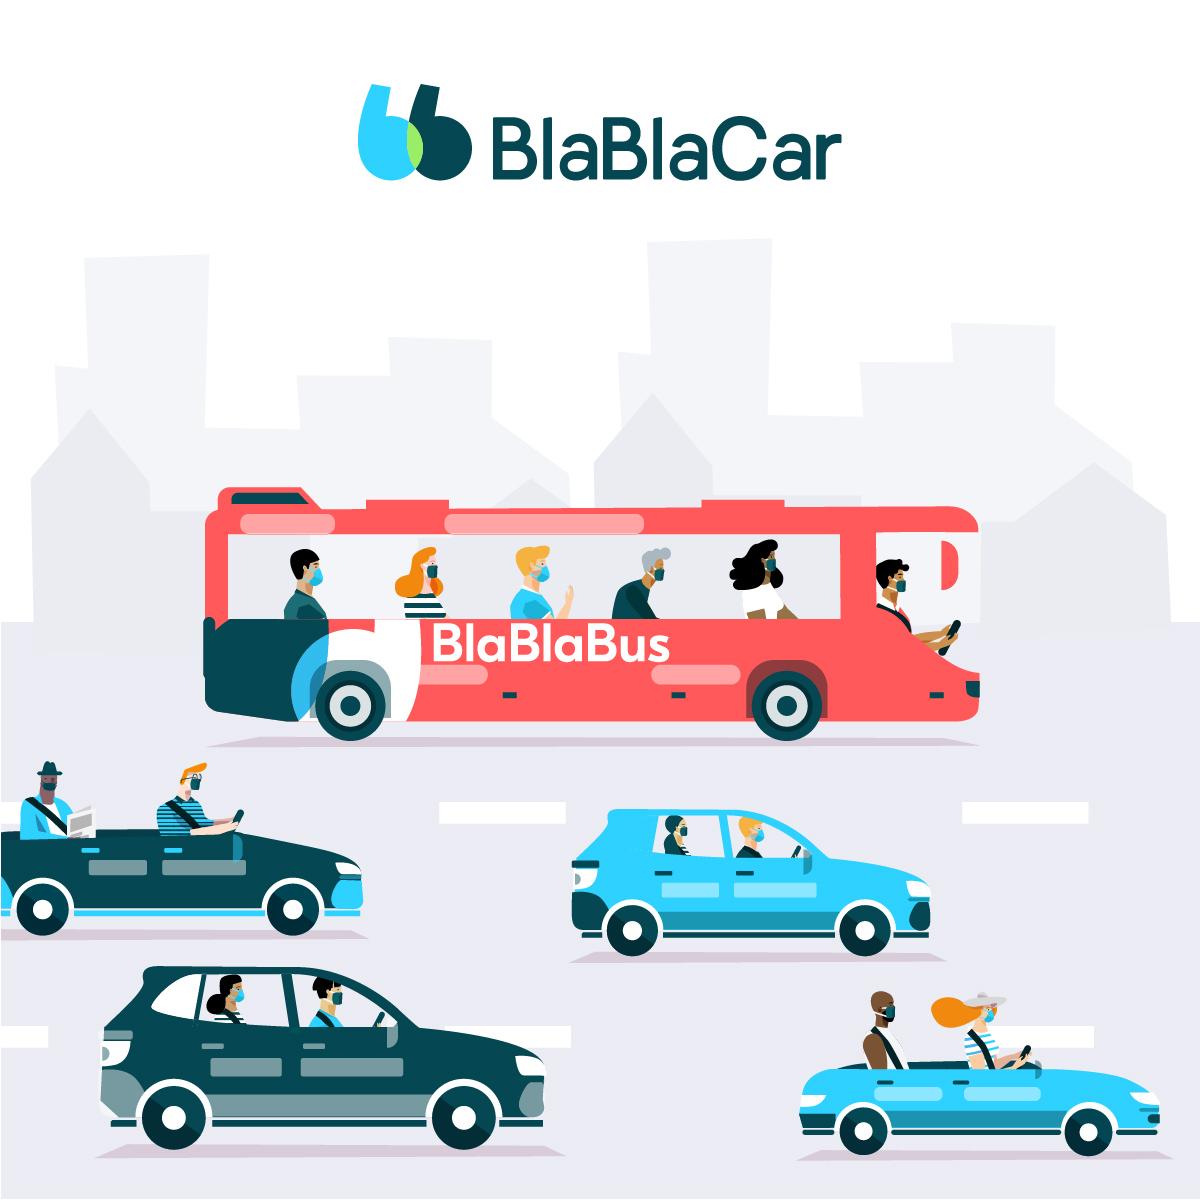 BlaBlaCar relancera BlaBlaBus au printemps 2021 et se concentre sur la demande de covoiturage